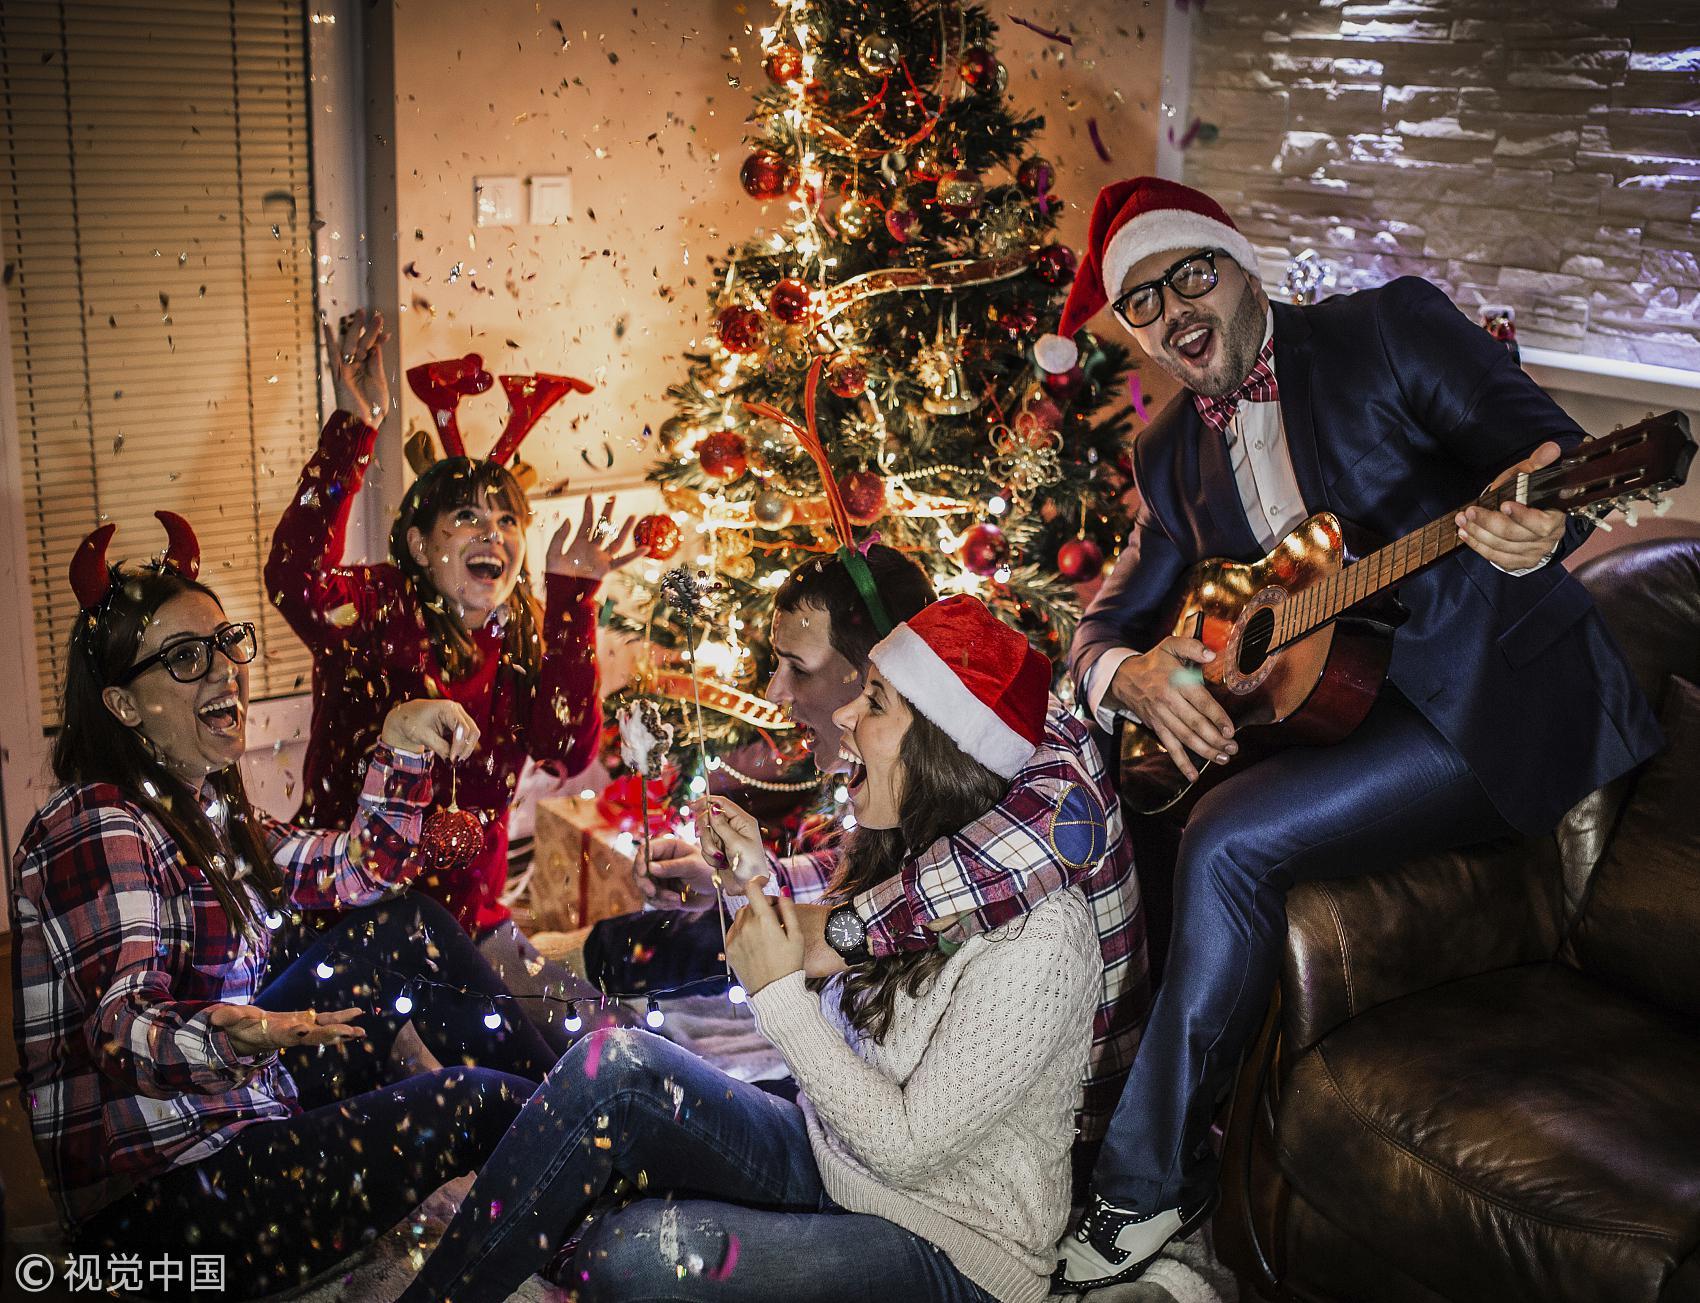 全球都在准备圣诞节 但他们竟然嗤之以鼻